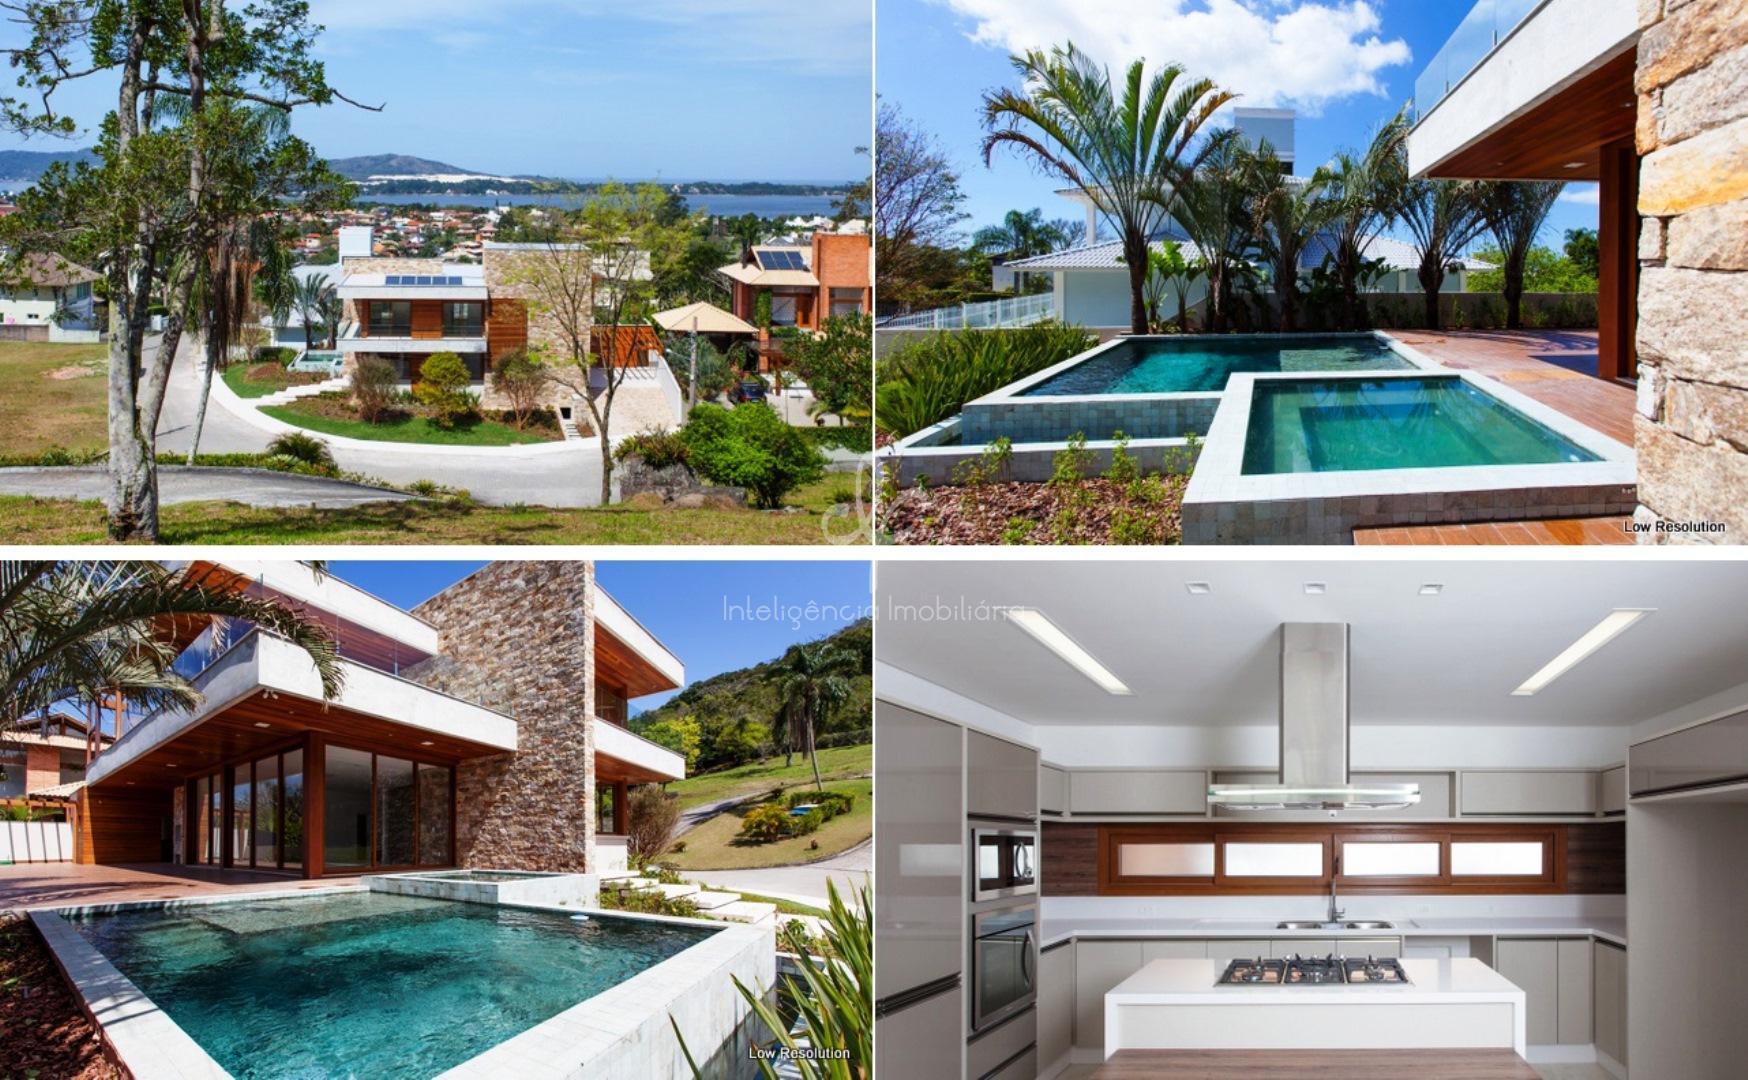 Linda casa com vista e 3 suites à venda na Lagoa da Conceição, Florianópolis.